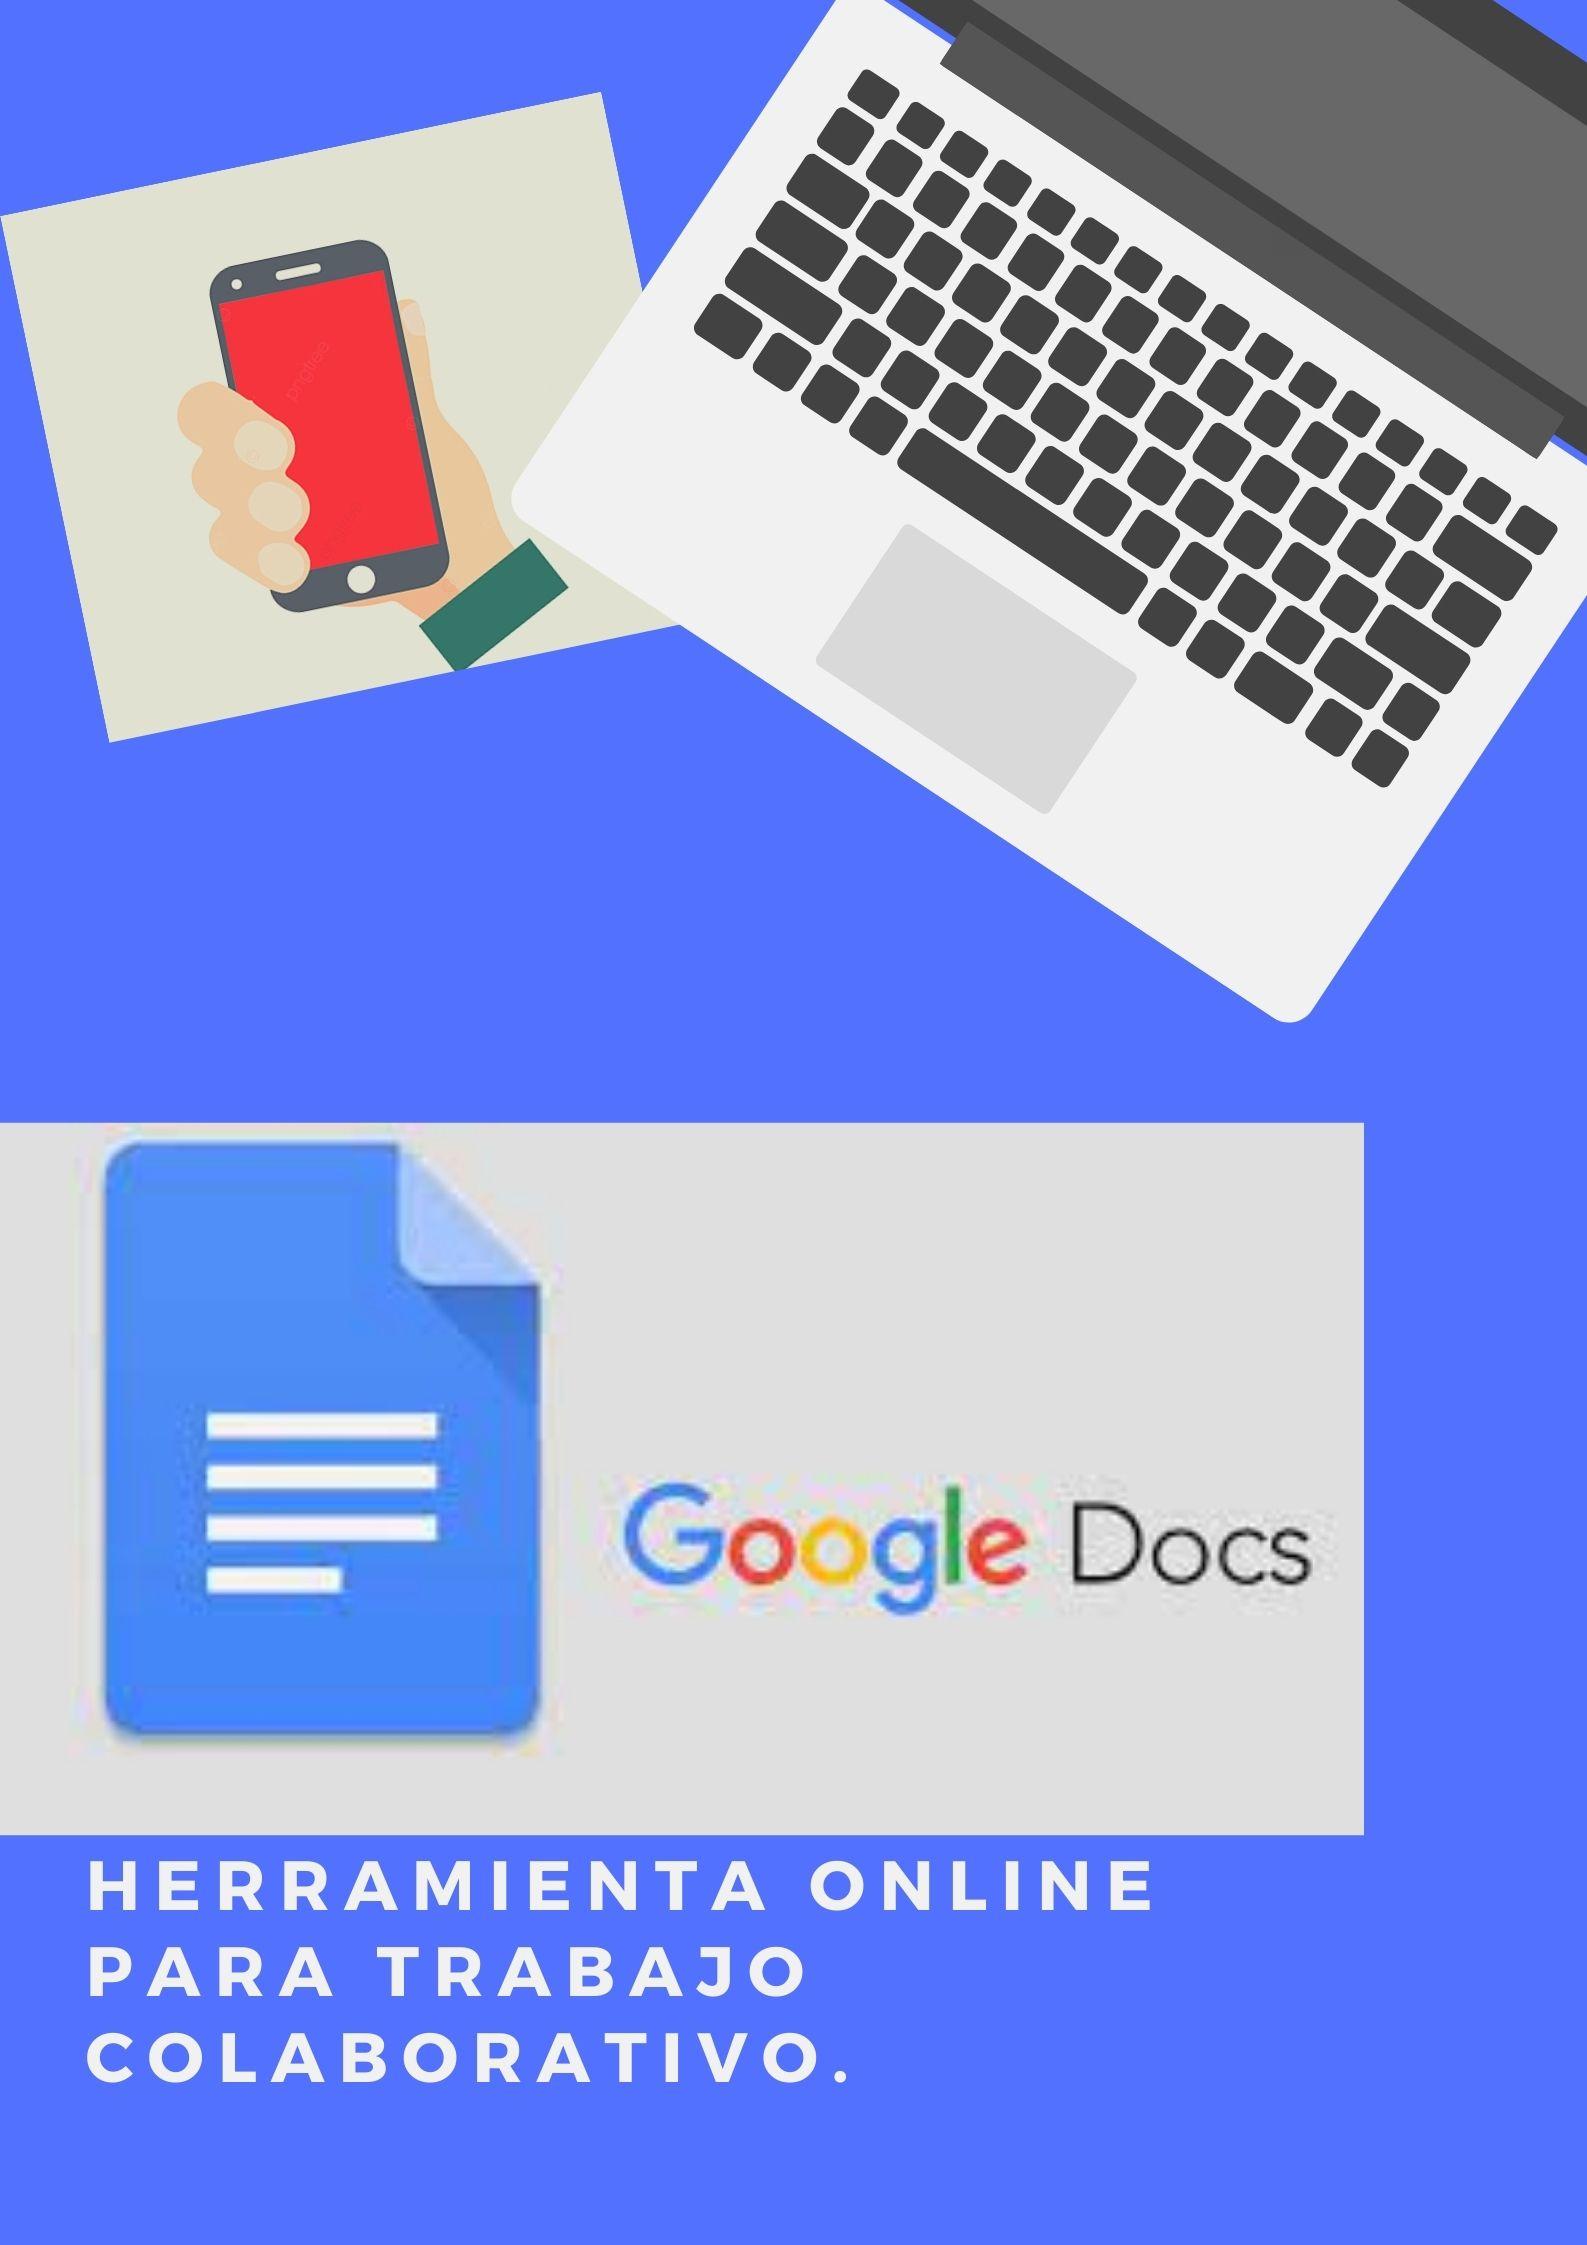 GOOGLE DOCS: HERRAMIENTA ONLINE PARA TRABAJO